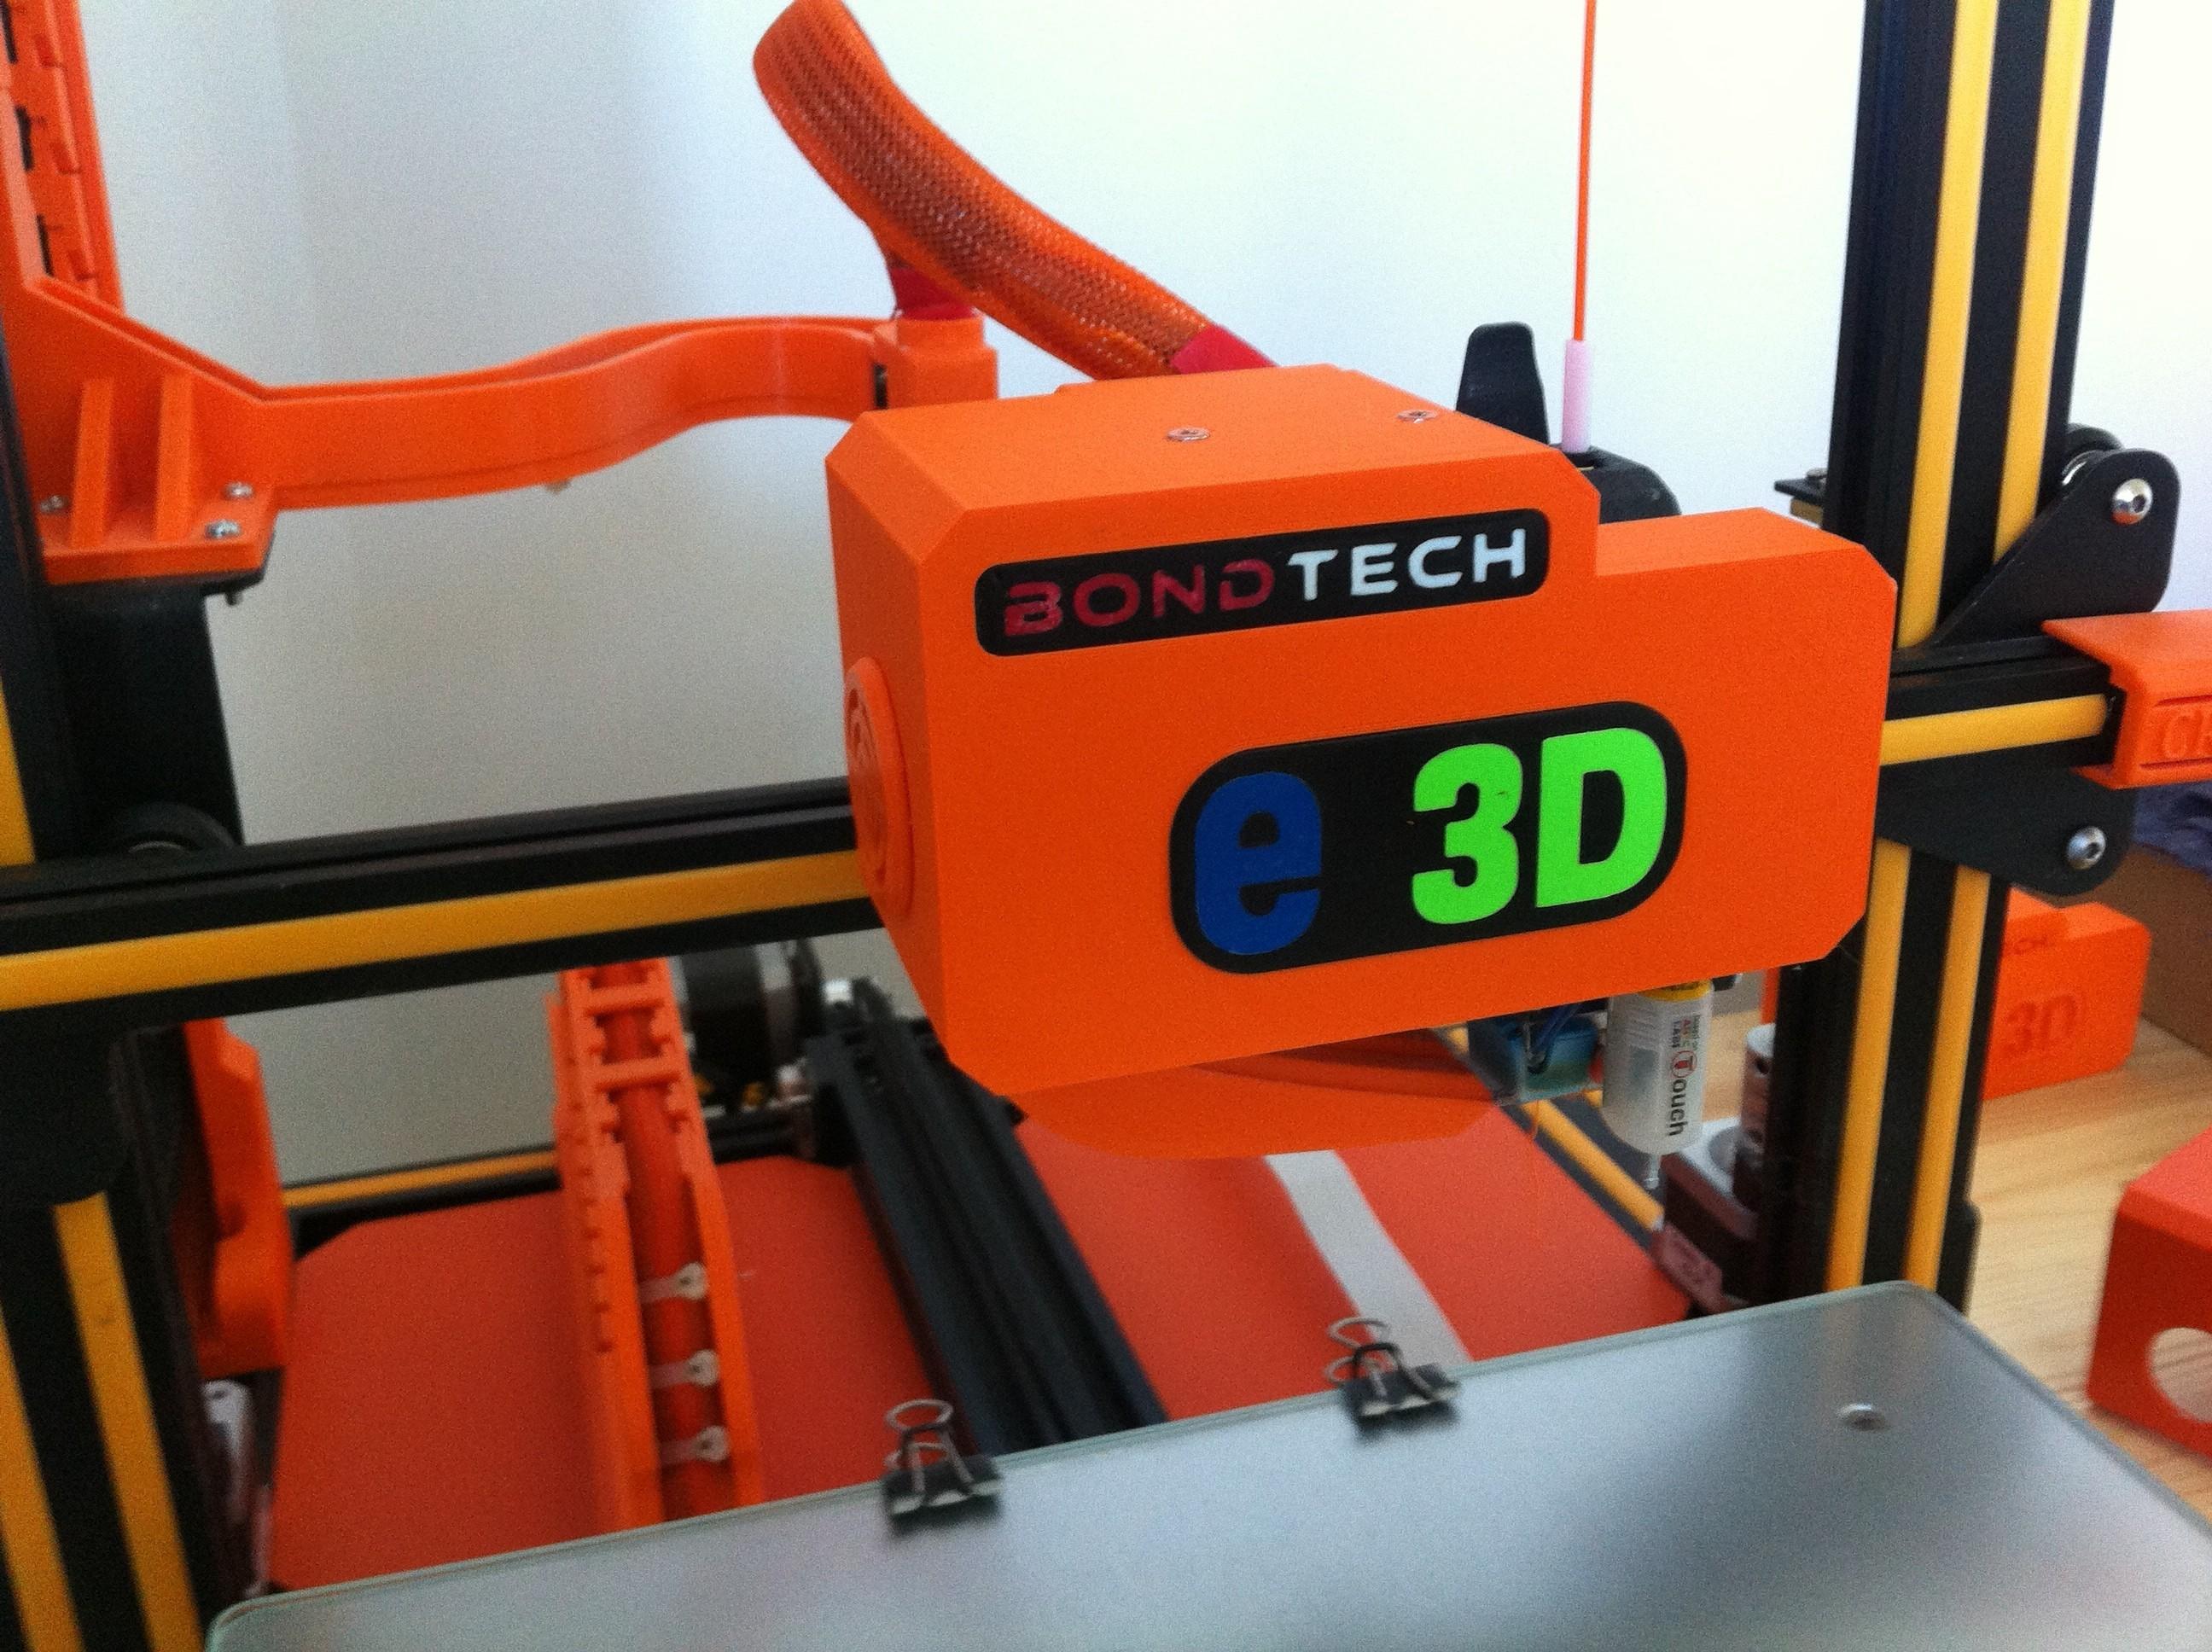 IMG_1221.JPG Download free STL file Direct Drive- E3DV6- Bondtech (right)-Bltouch • 3D printer template, kim_razor